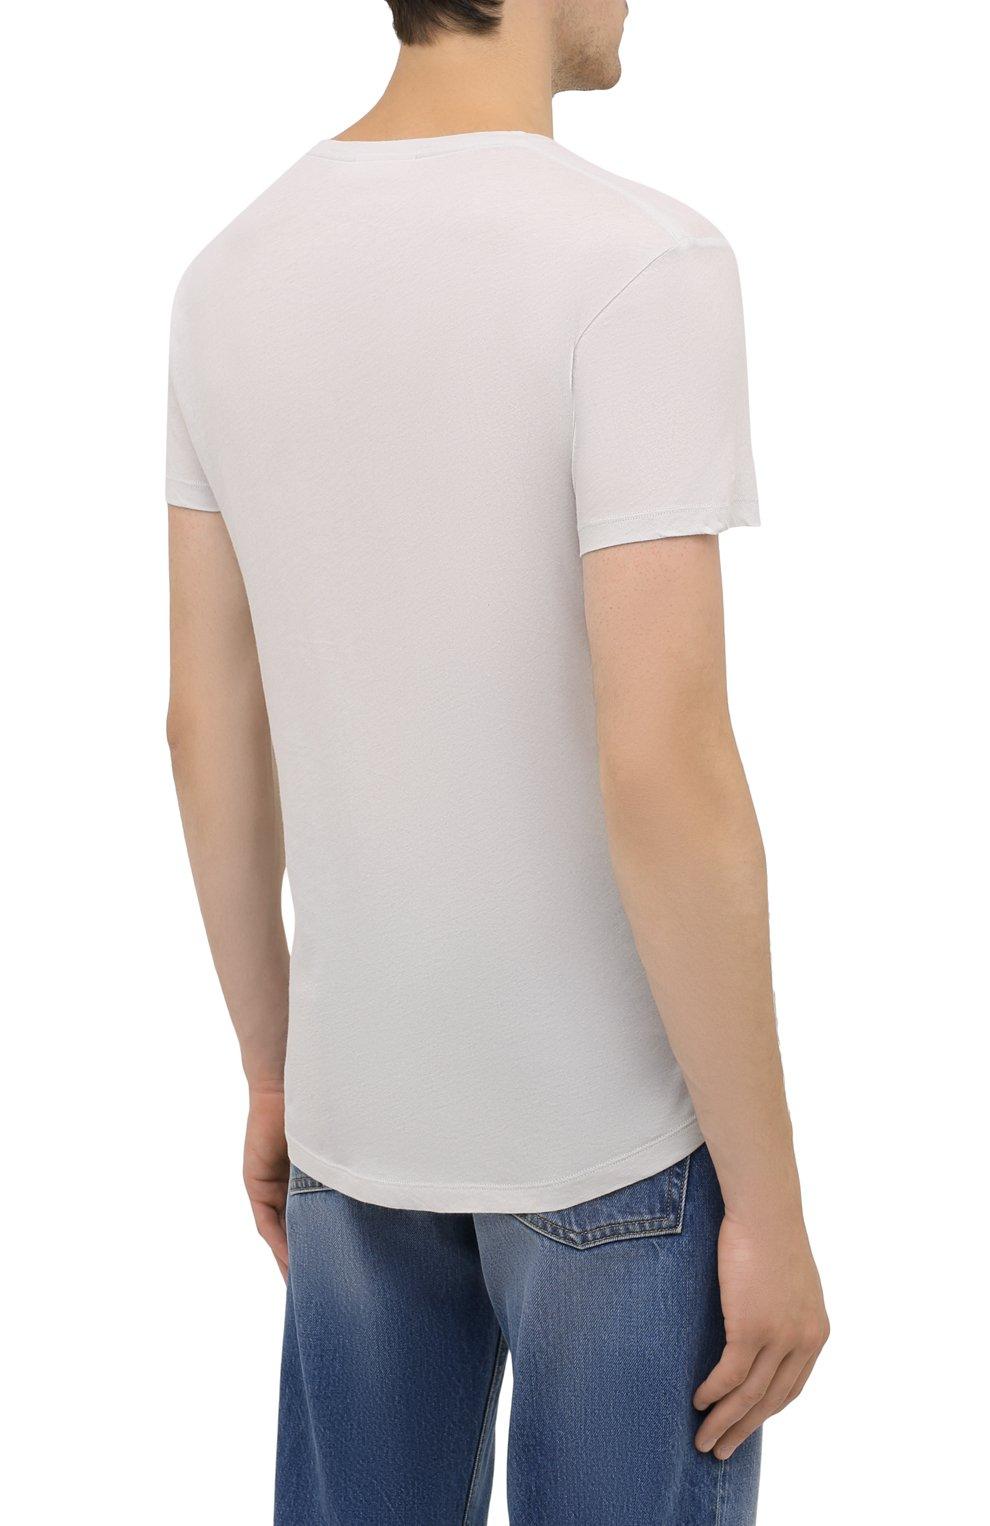 Мужская хлопковая футболка ORLEBAR BROWN светло-серого цвета, арт. 273688   Фото 4 (Кросс-КТ: Пляж; Принт: Без принта; Рукава: Короткие; Длина (для топов): Стандартные; Материал внешний: Хлопок; Стили: Кэжуэл)